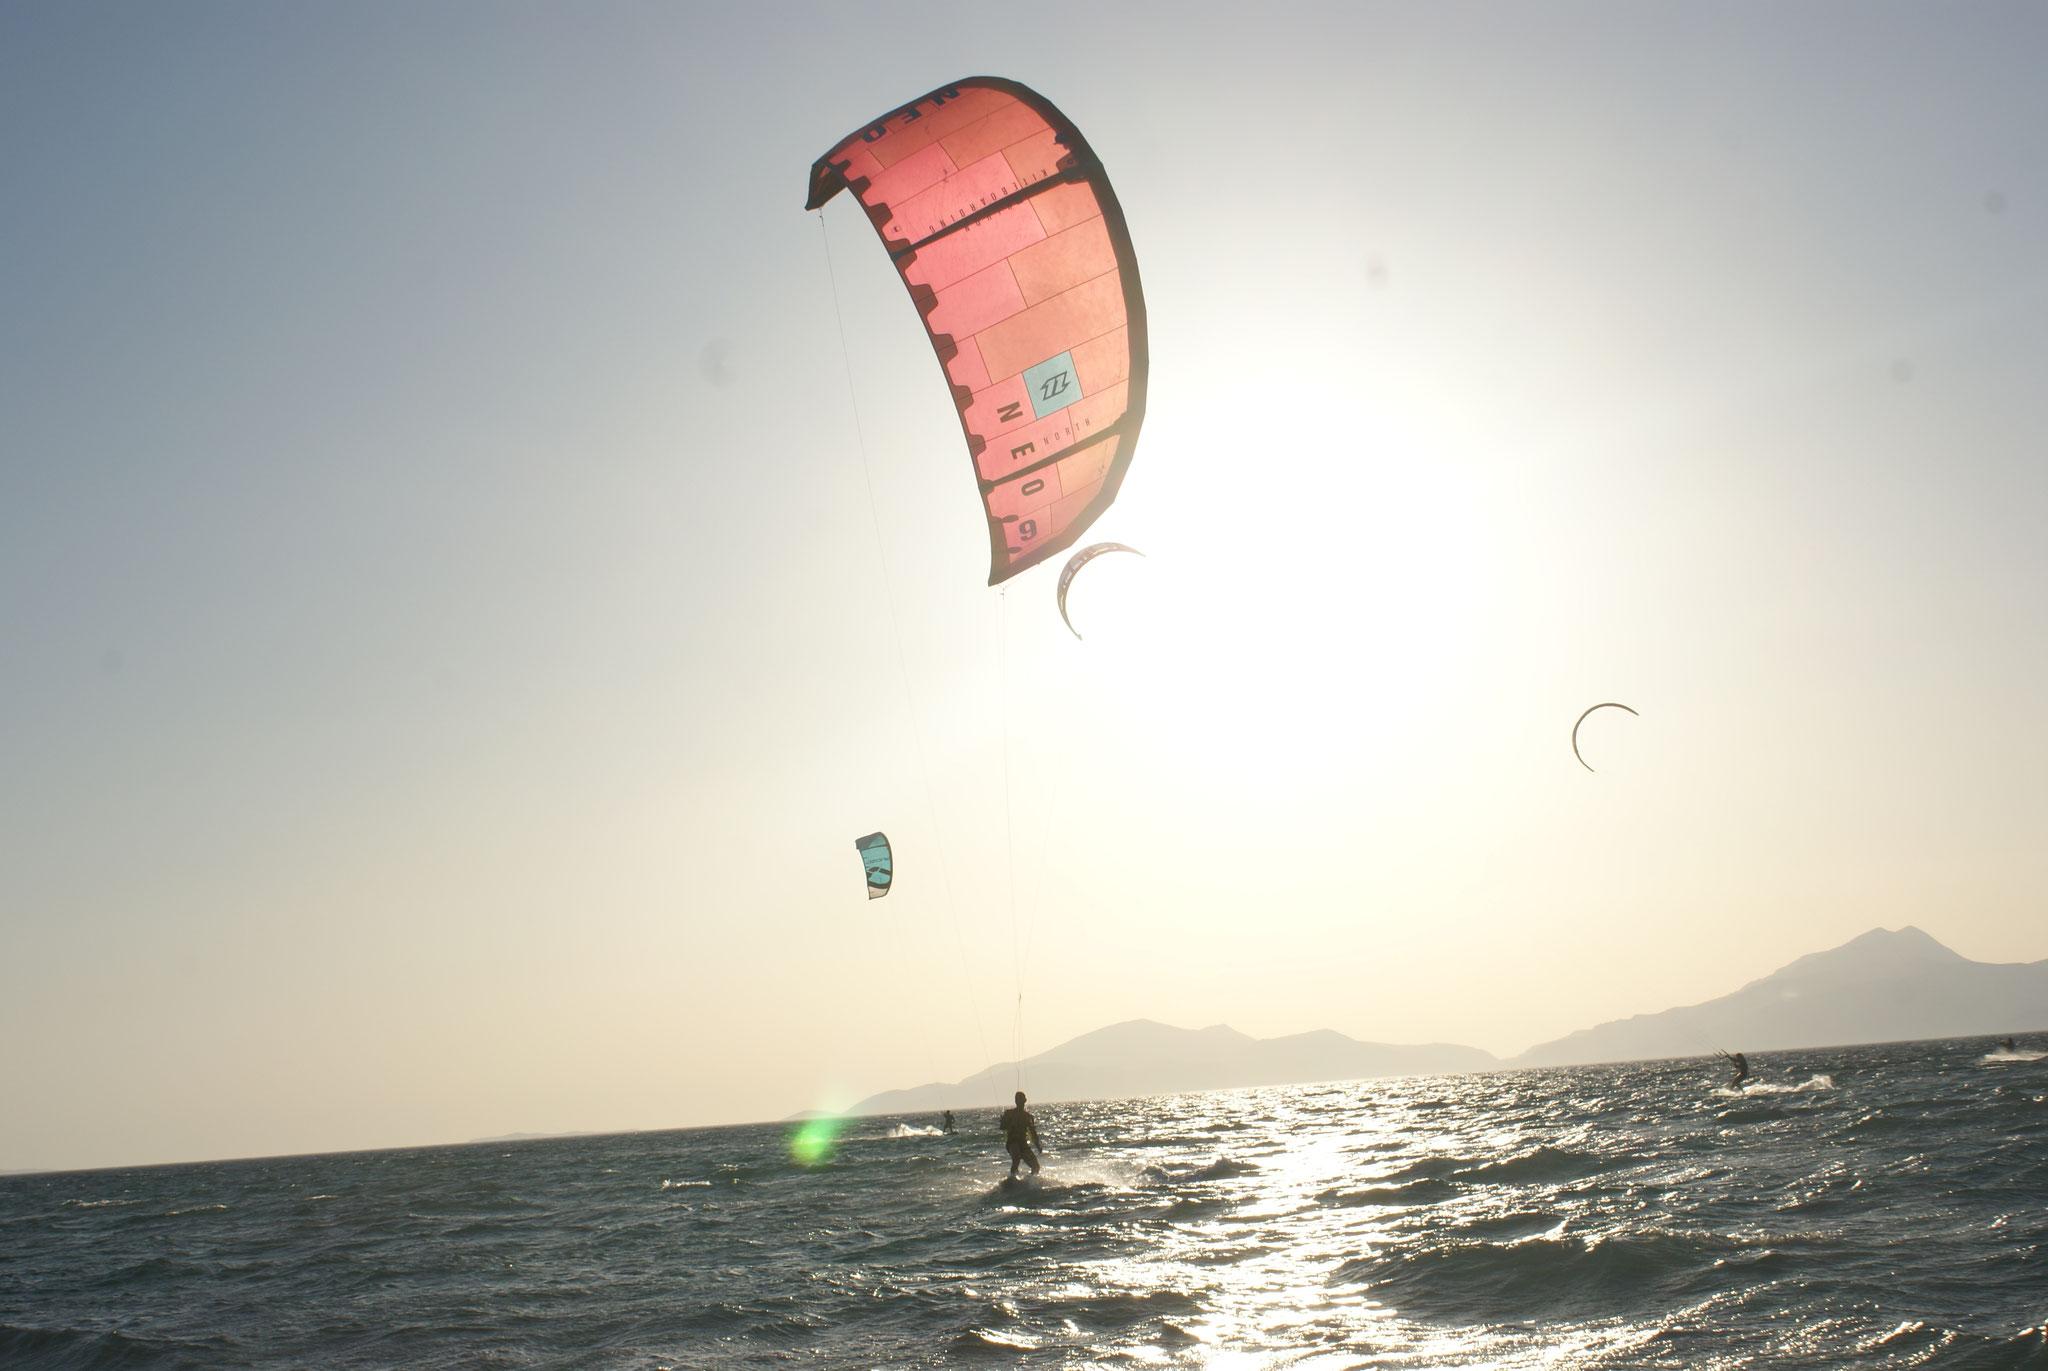 Surf spot kos